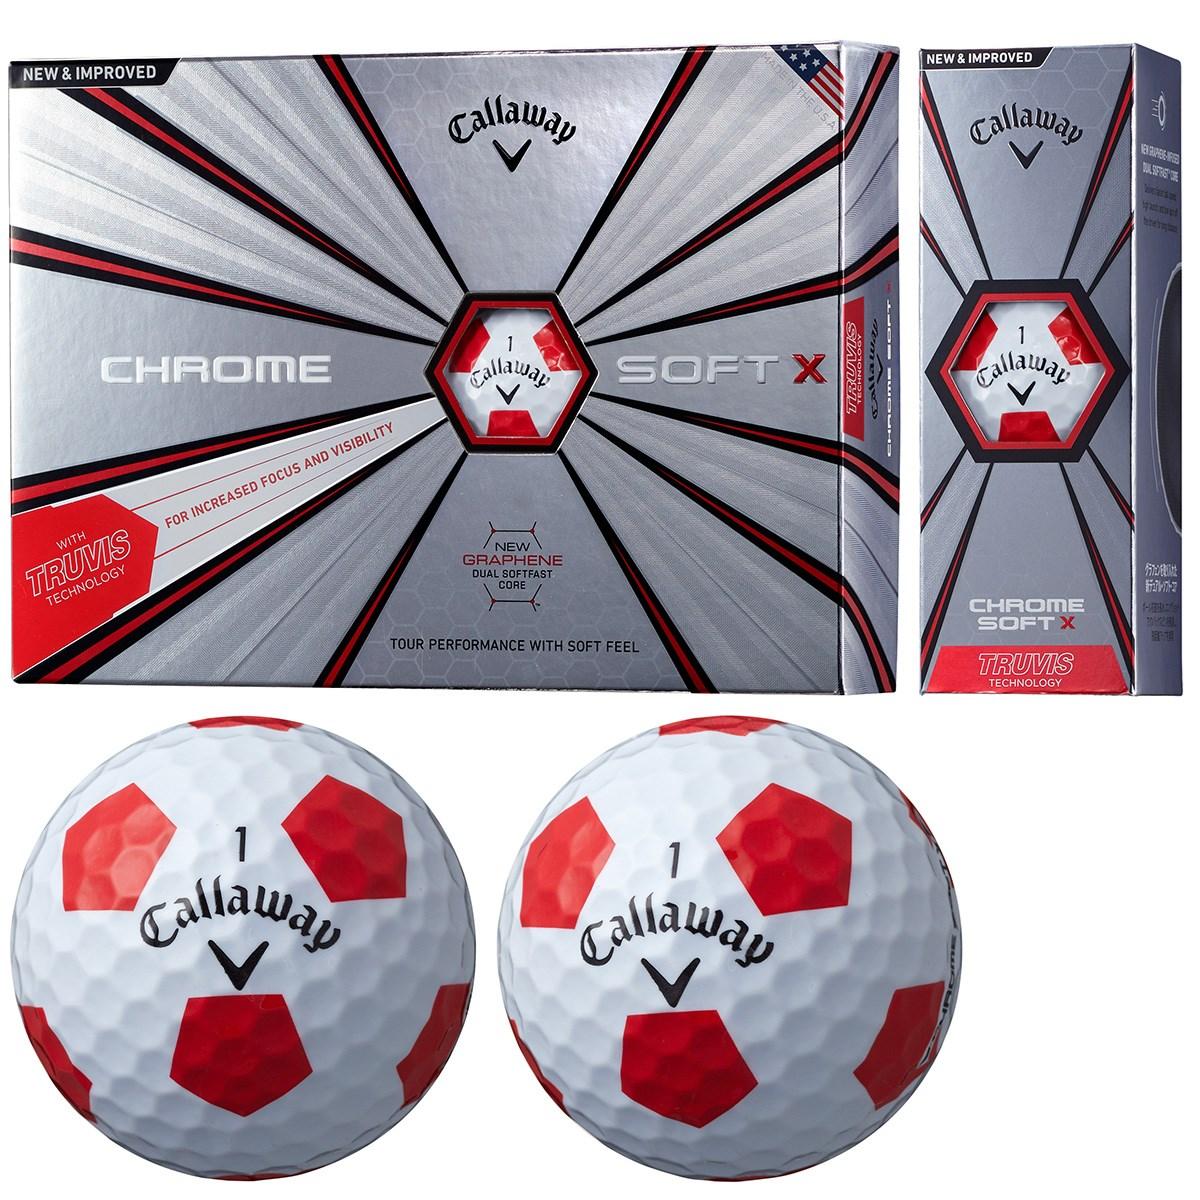 キャロウェイゴルフ(Callaway Golf) CHROME SOFT X TRUVIS ボール